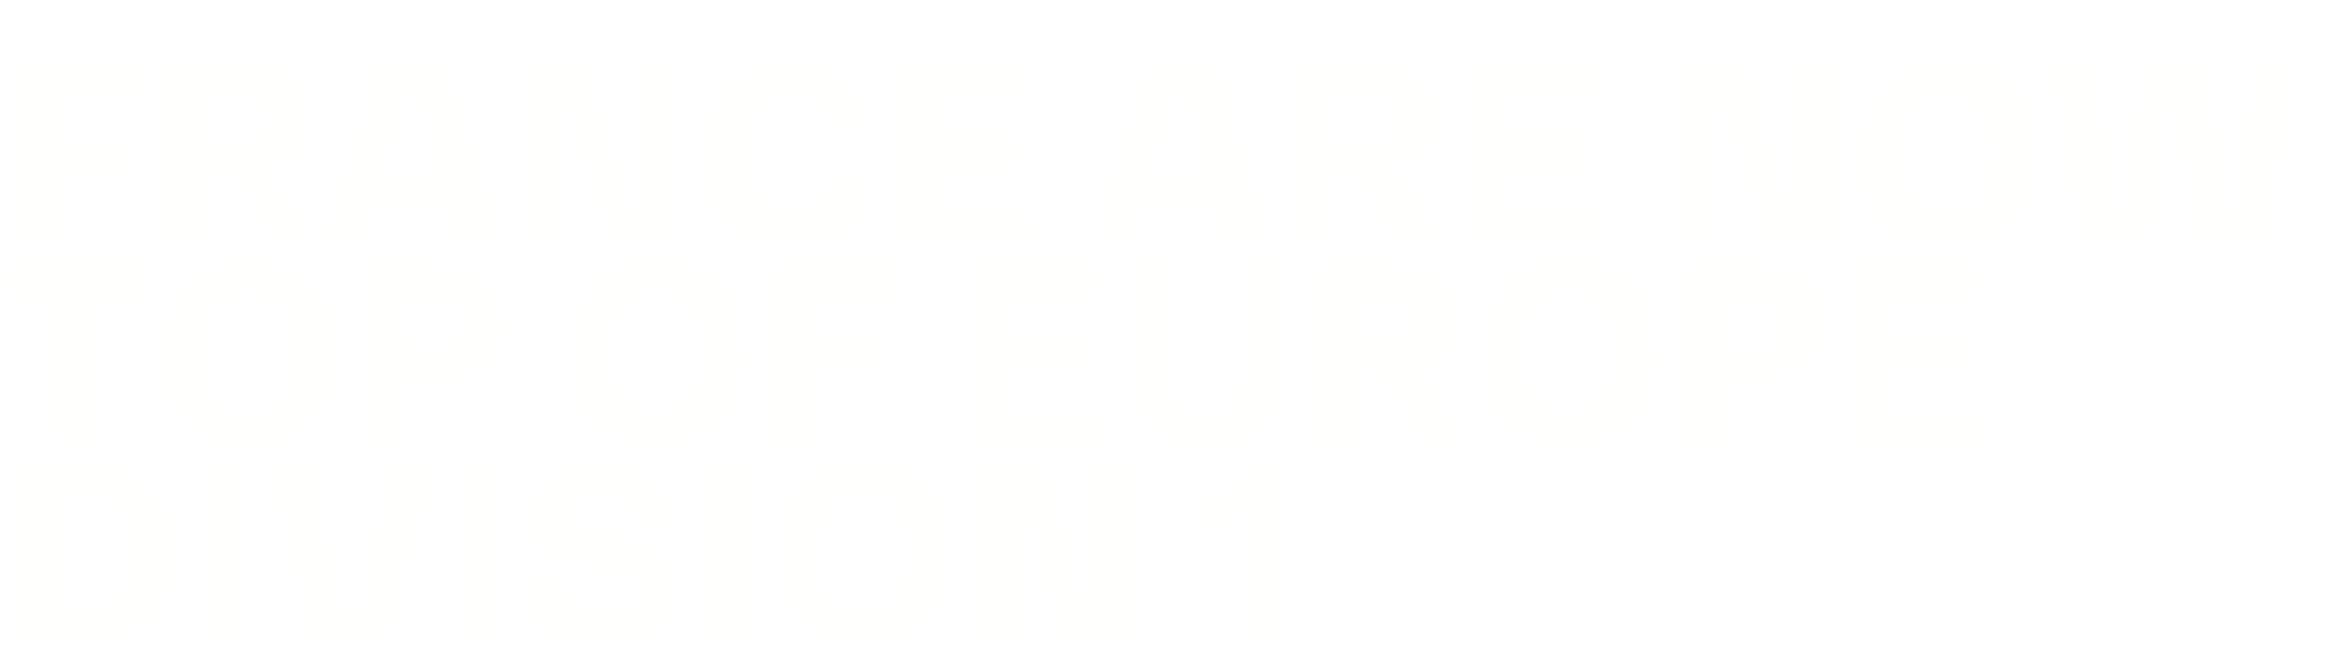 NCJ17_LaBaule_Review_BIGLETTERS